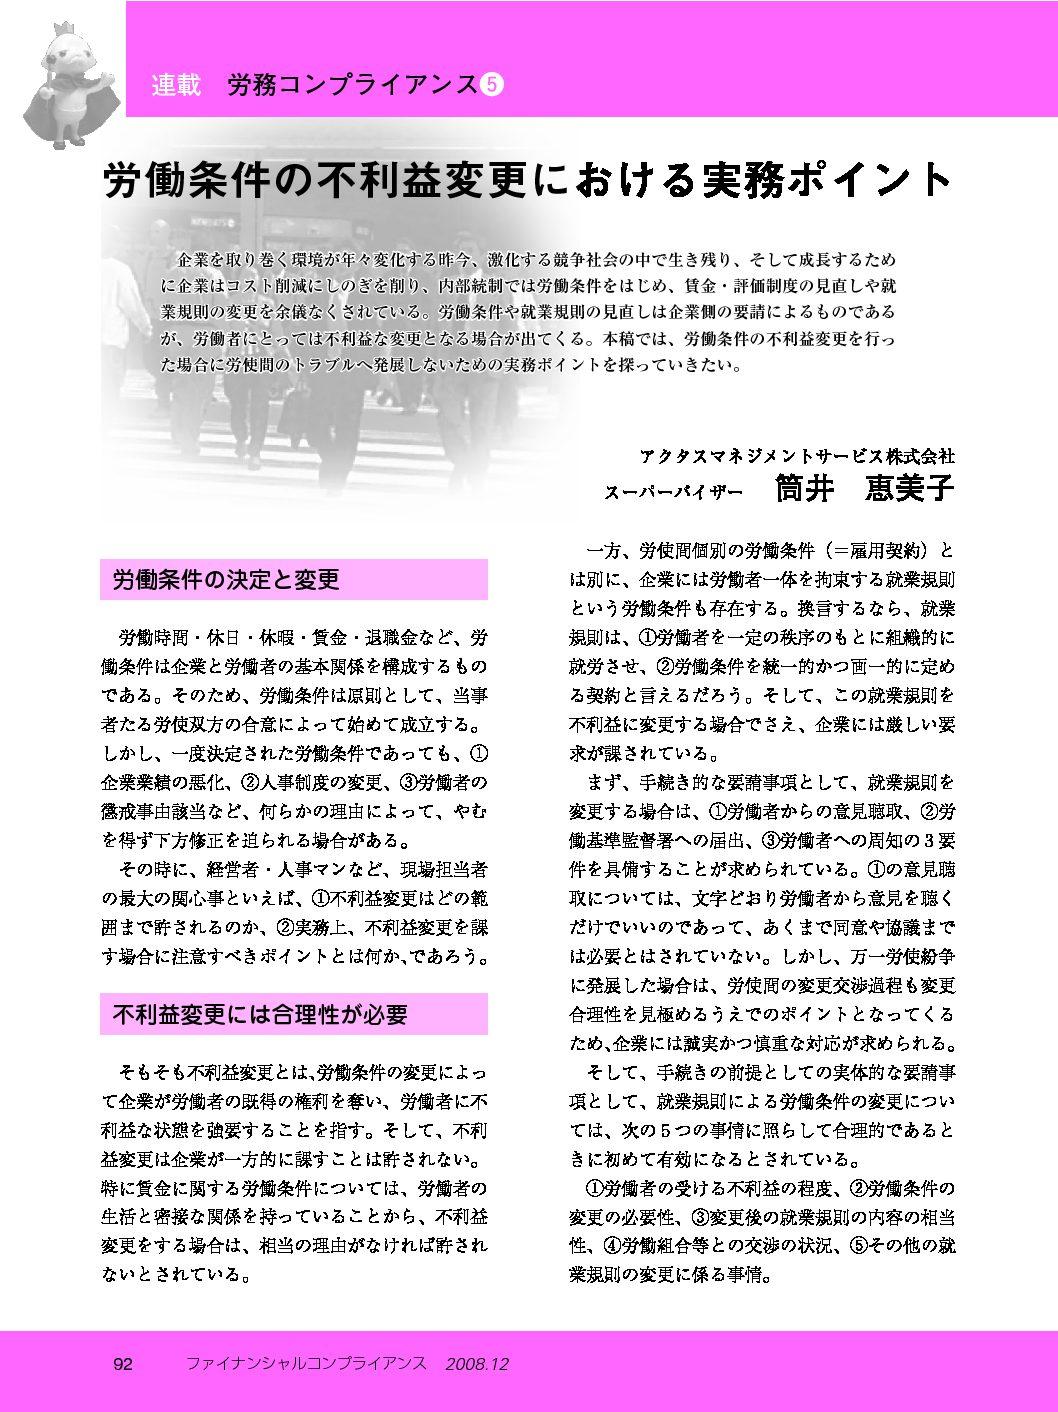 労務コンプライアンス(第5回) 労働条件の不利益変更における実務ポイント